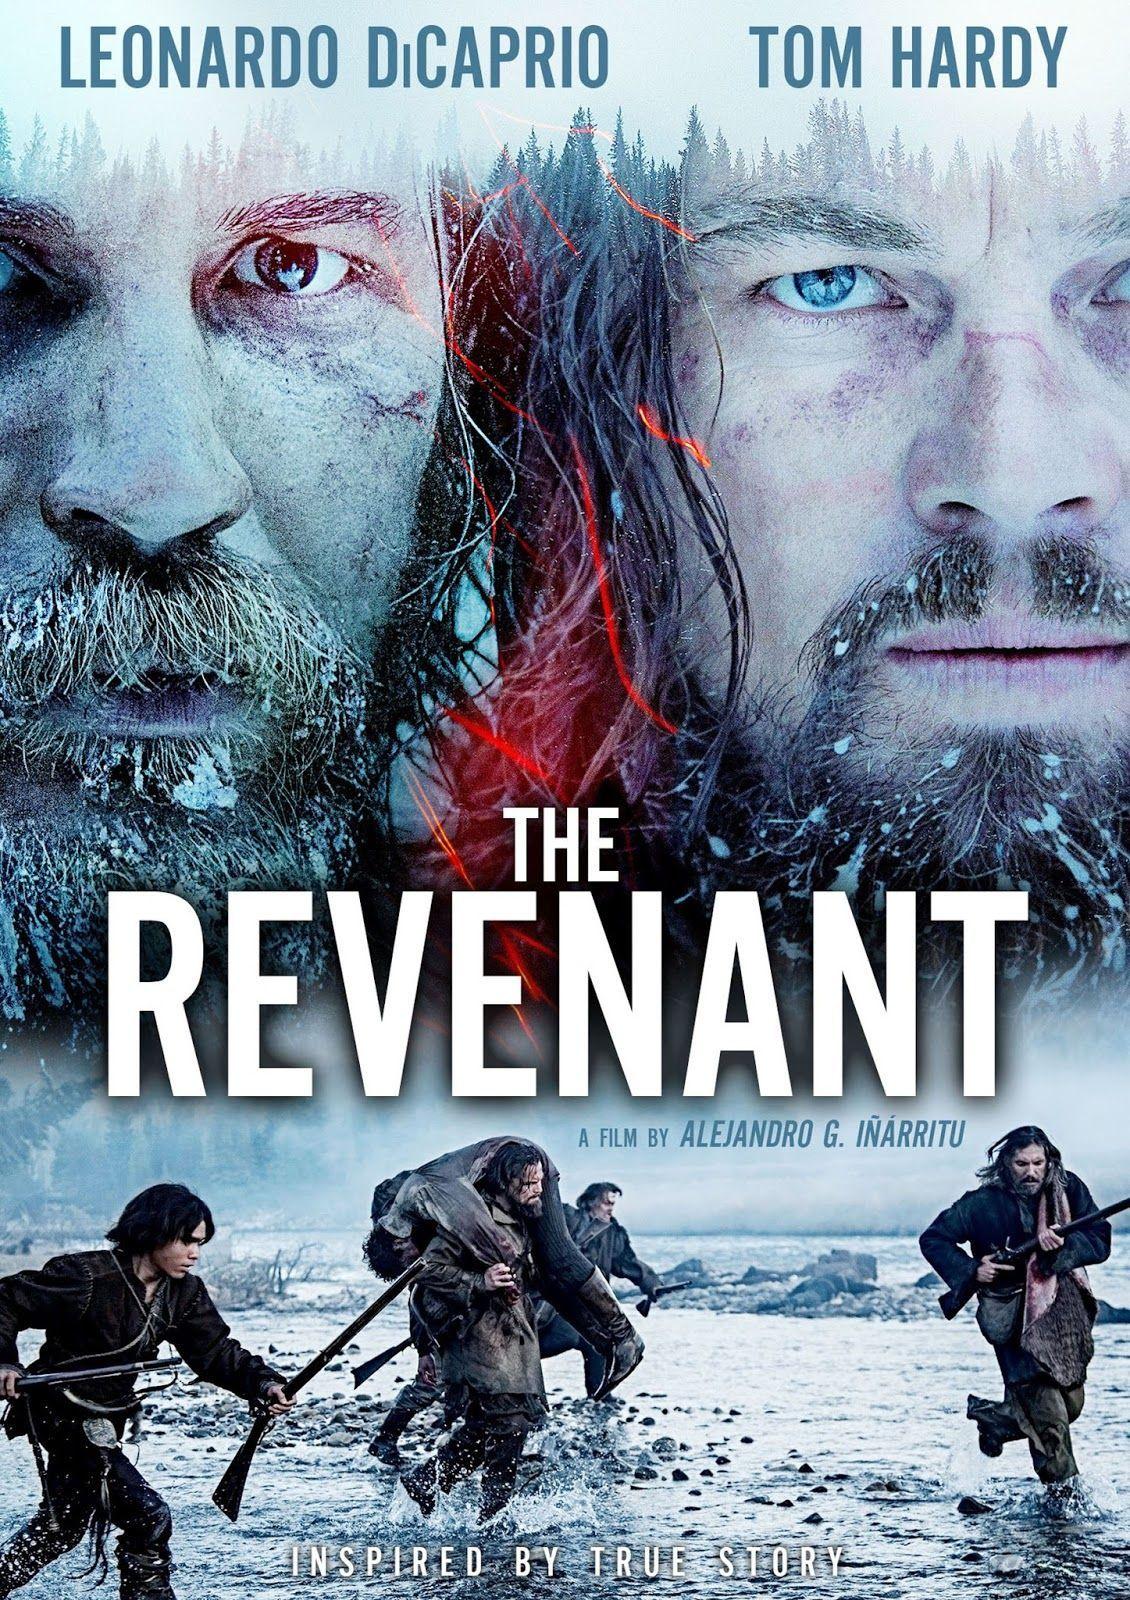 The Revenant 2015 Hindi Dubbed The Revenant Full Movie The Revenant Movie The Revenant